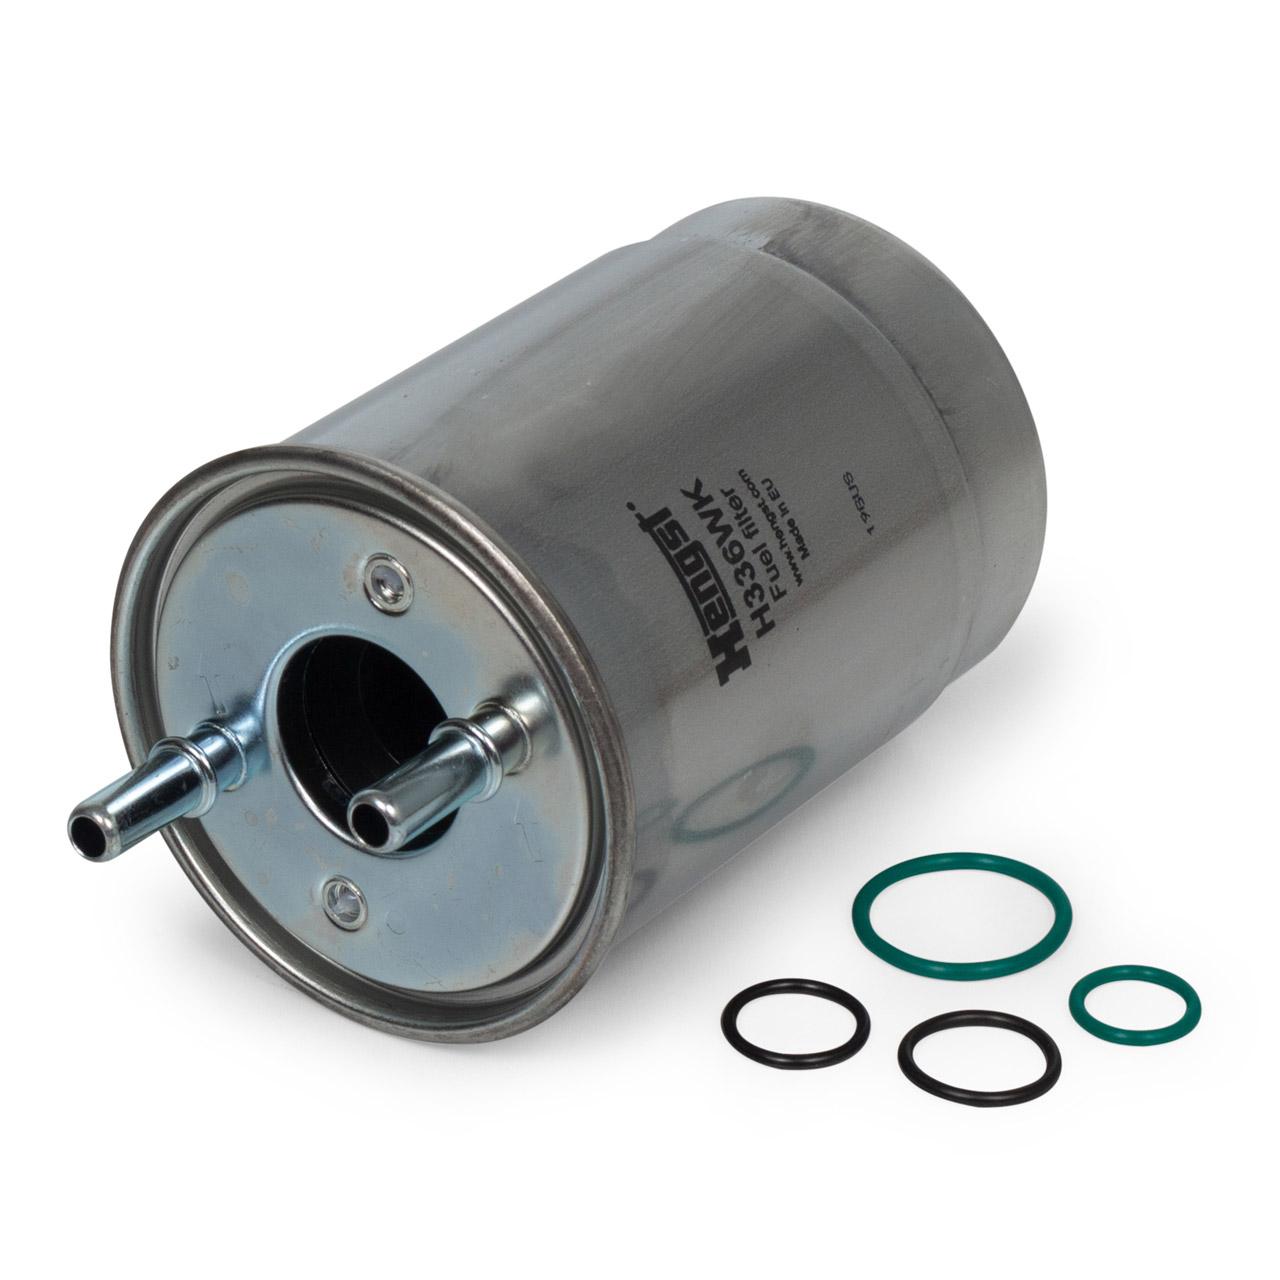 HENGST H336WK Kraftstofffilter für RENAULT FLUENCE MEGANE 3 SCENIC 3 1.5-2.0 dCi